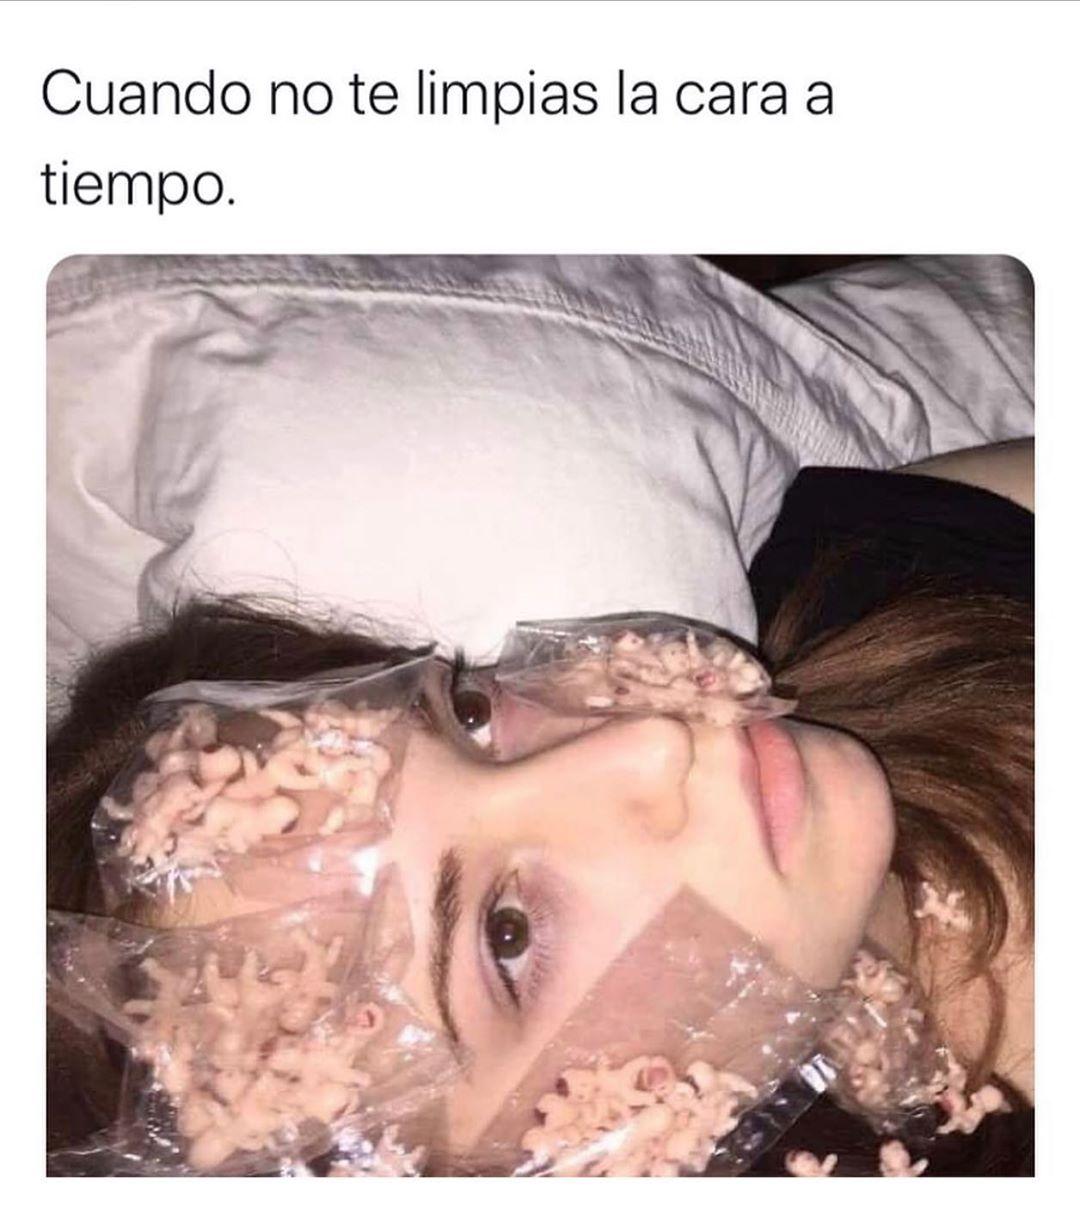 Cuando no te limpias la cara a tiempo.